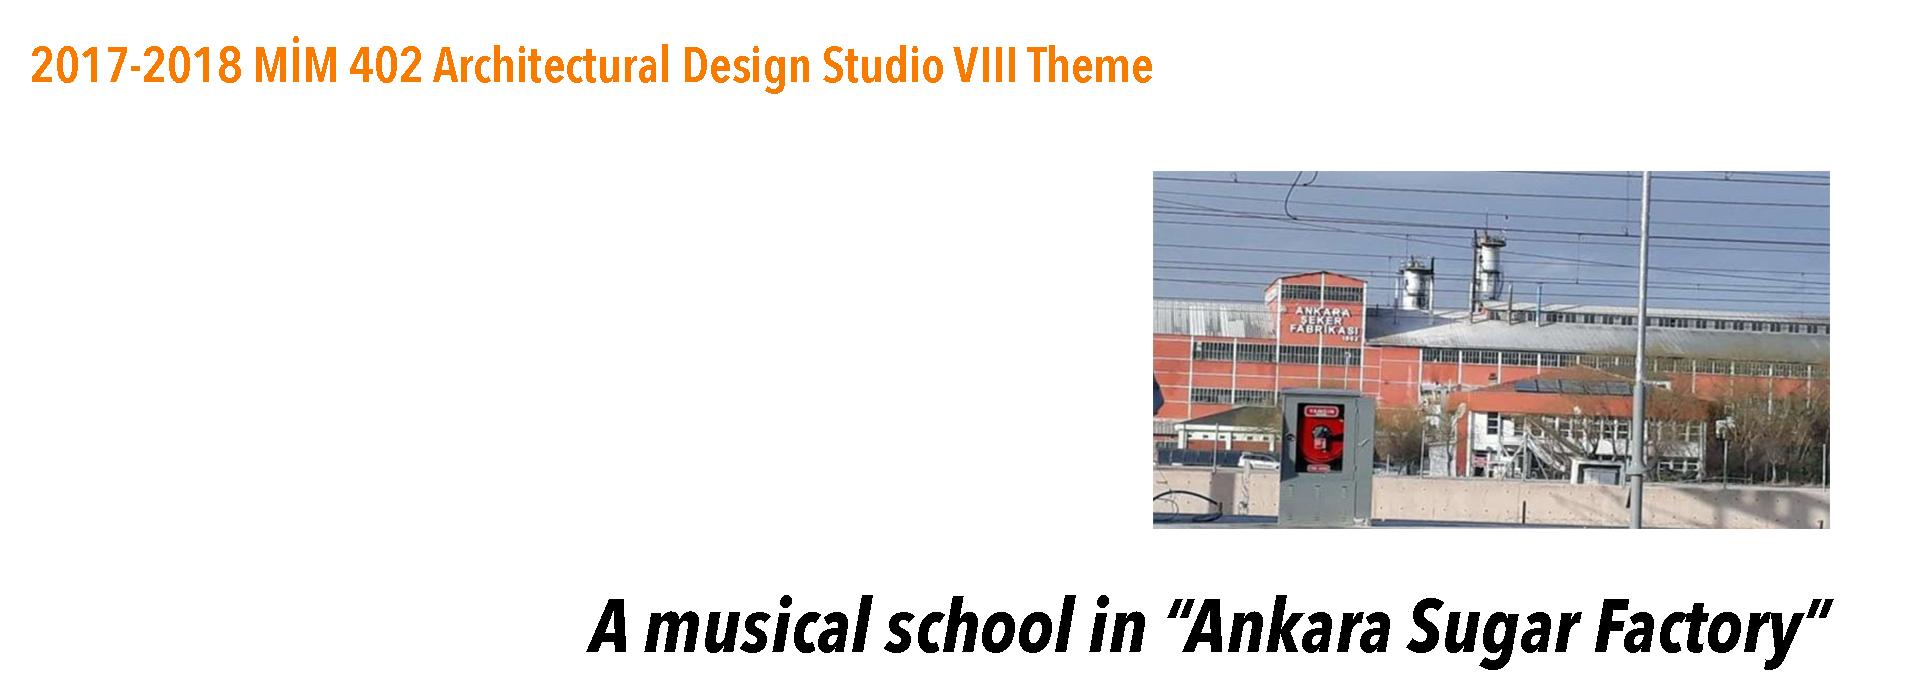 2017-2018 Studio Theme